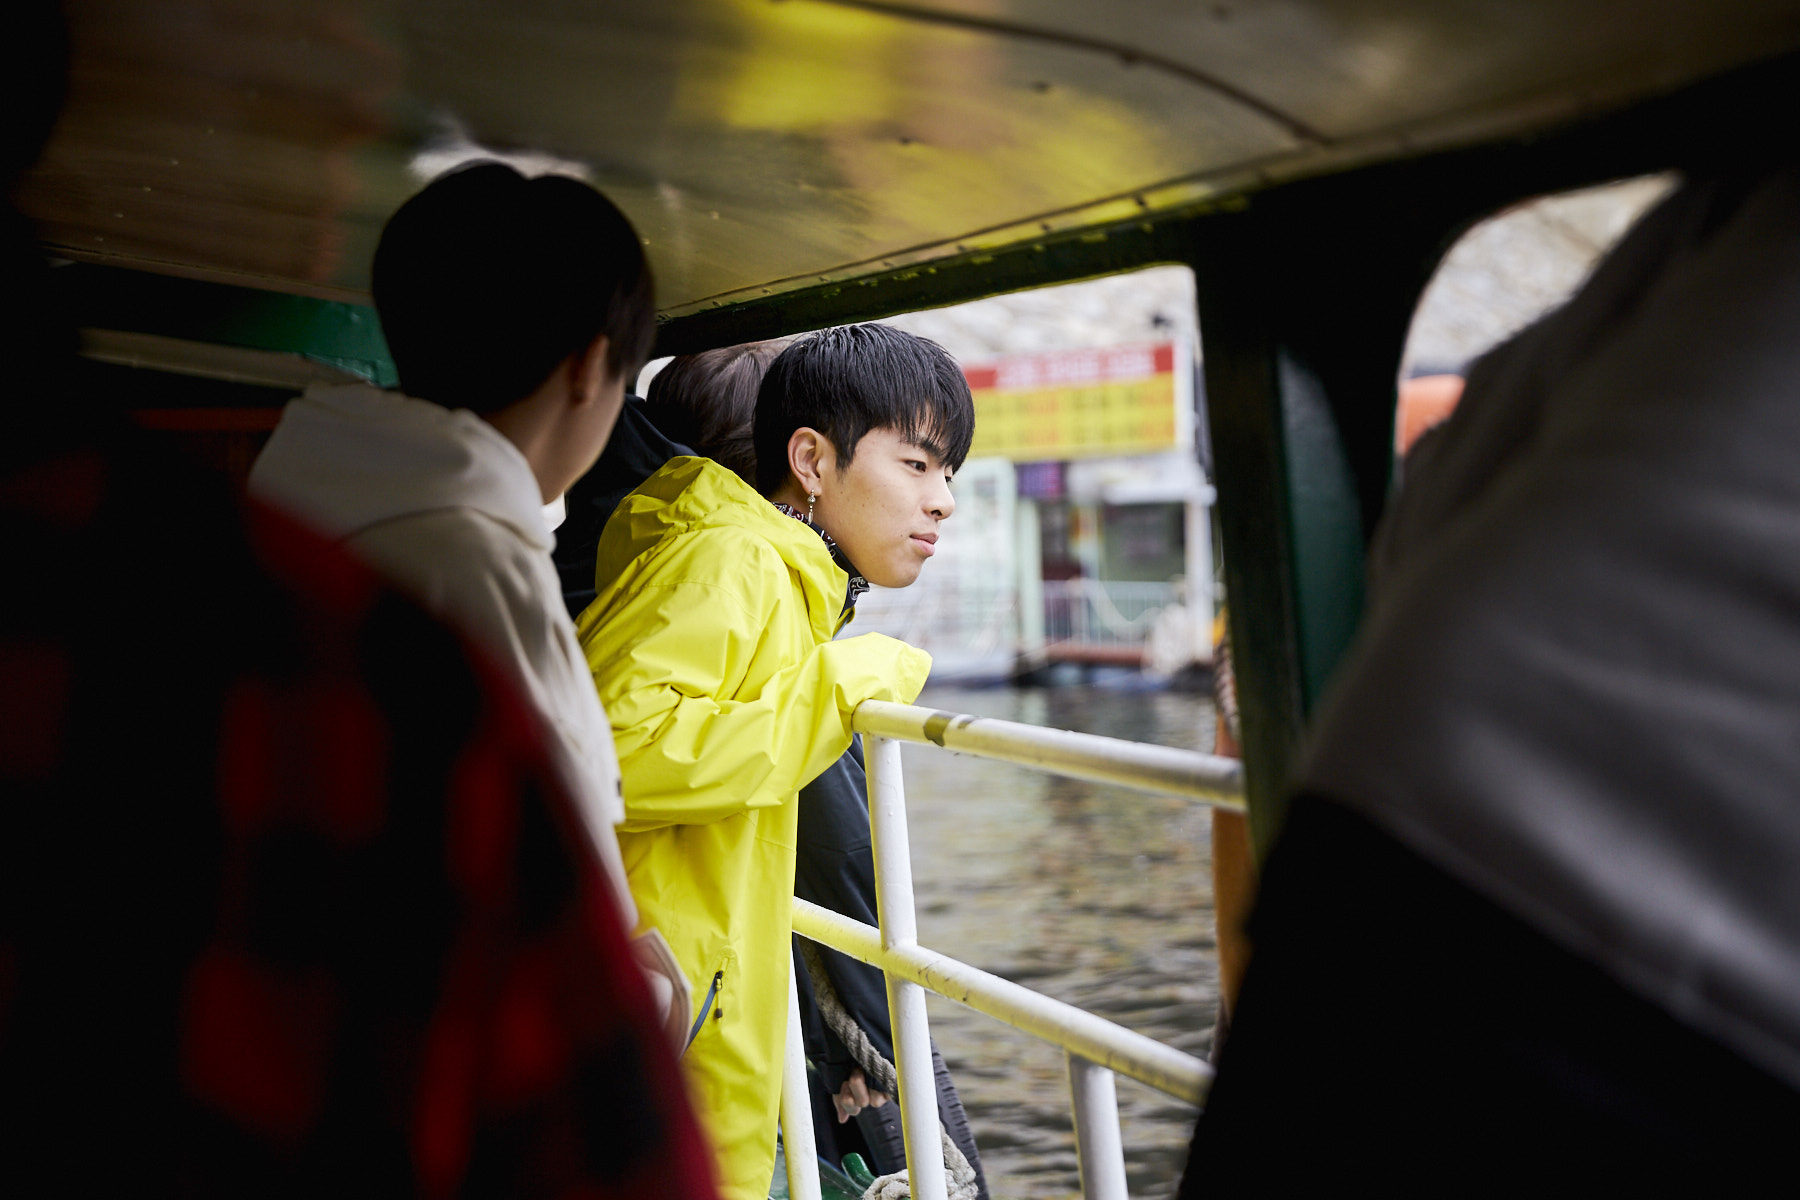 '이불 밖은 위험해' 아이콘 구준회, 시 쓰고 그림 그리는 '감성 집돌이'의 등장!